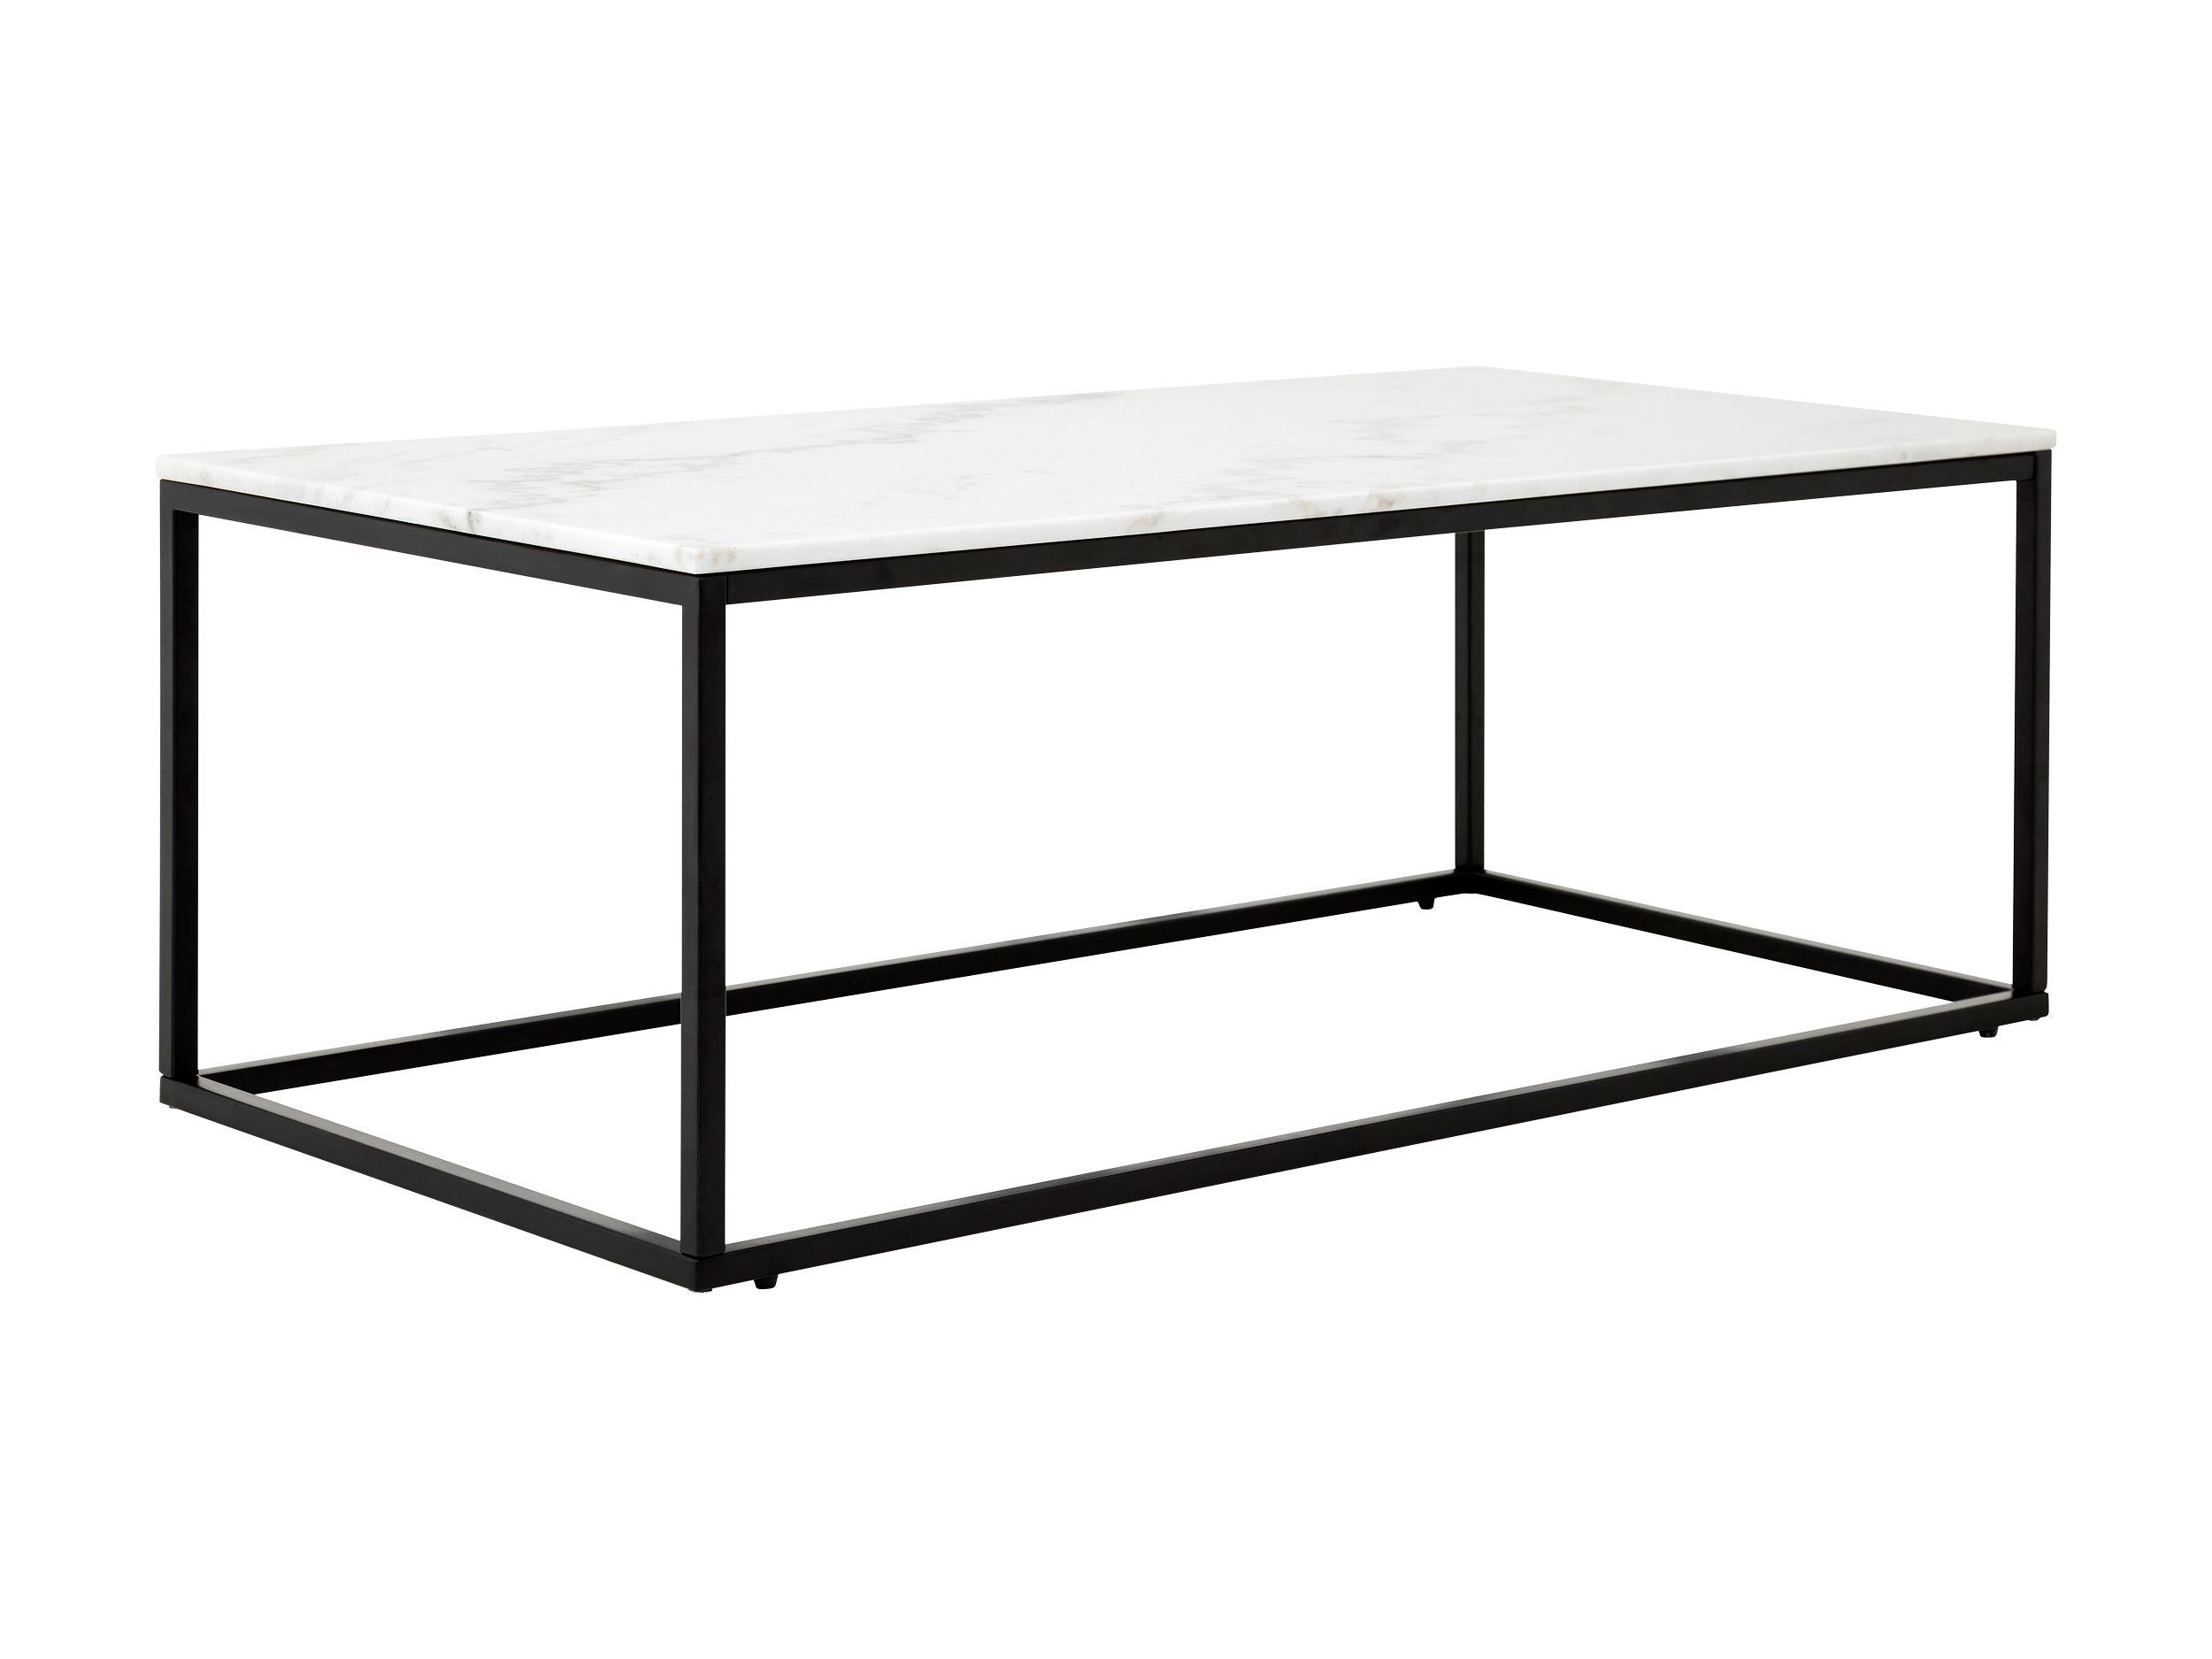 Charmant CARRIE Couchtisch 120 Weiss   Couchtische   Tische   Für Den In